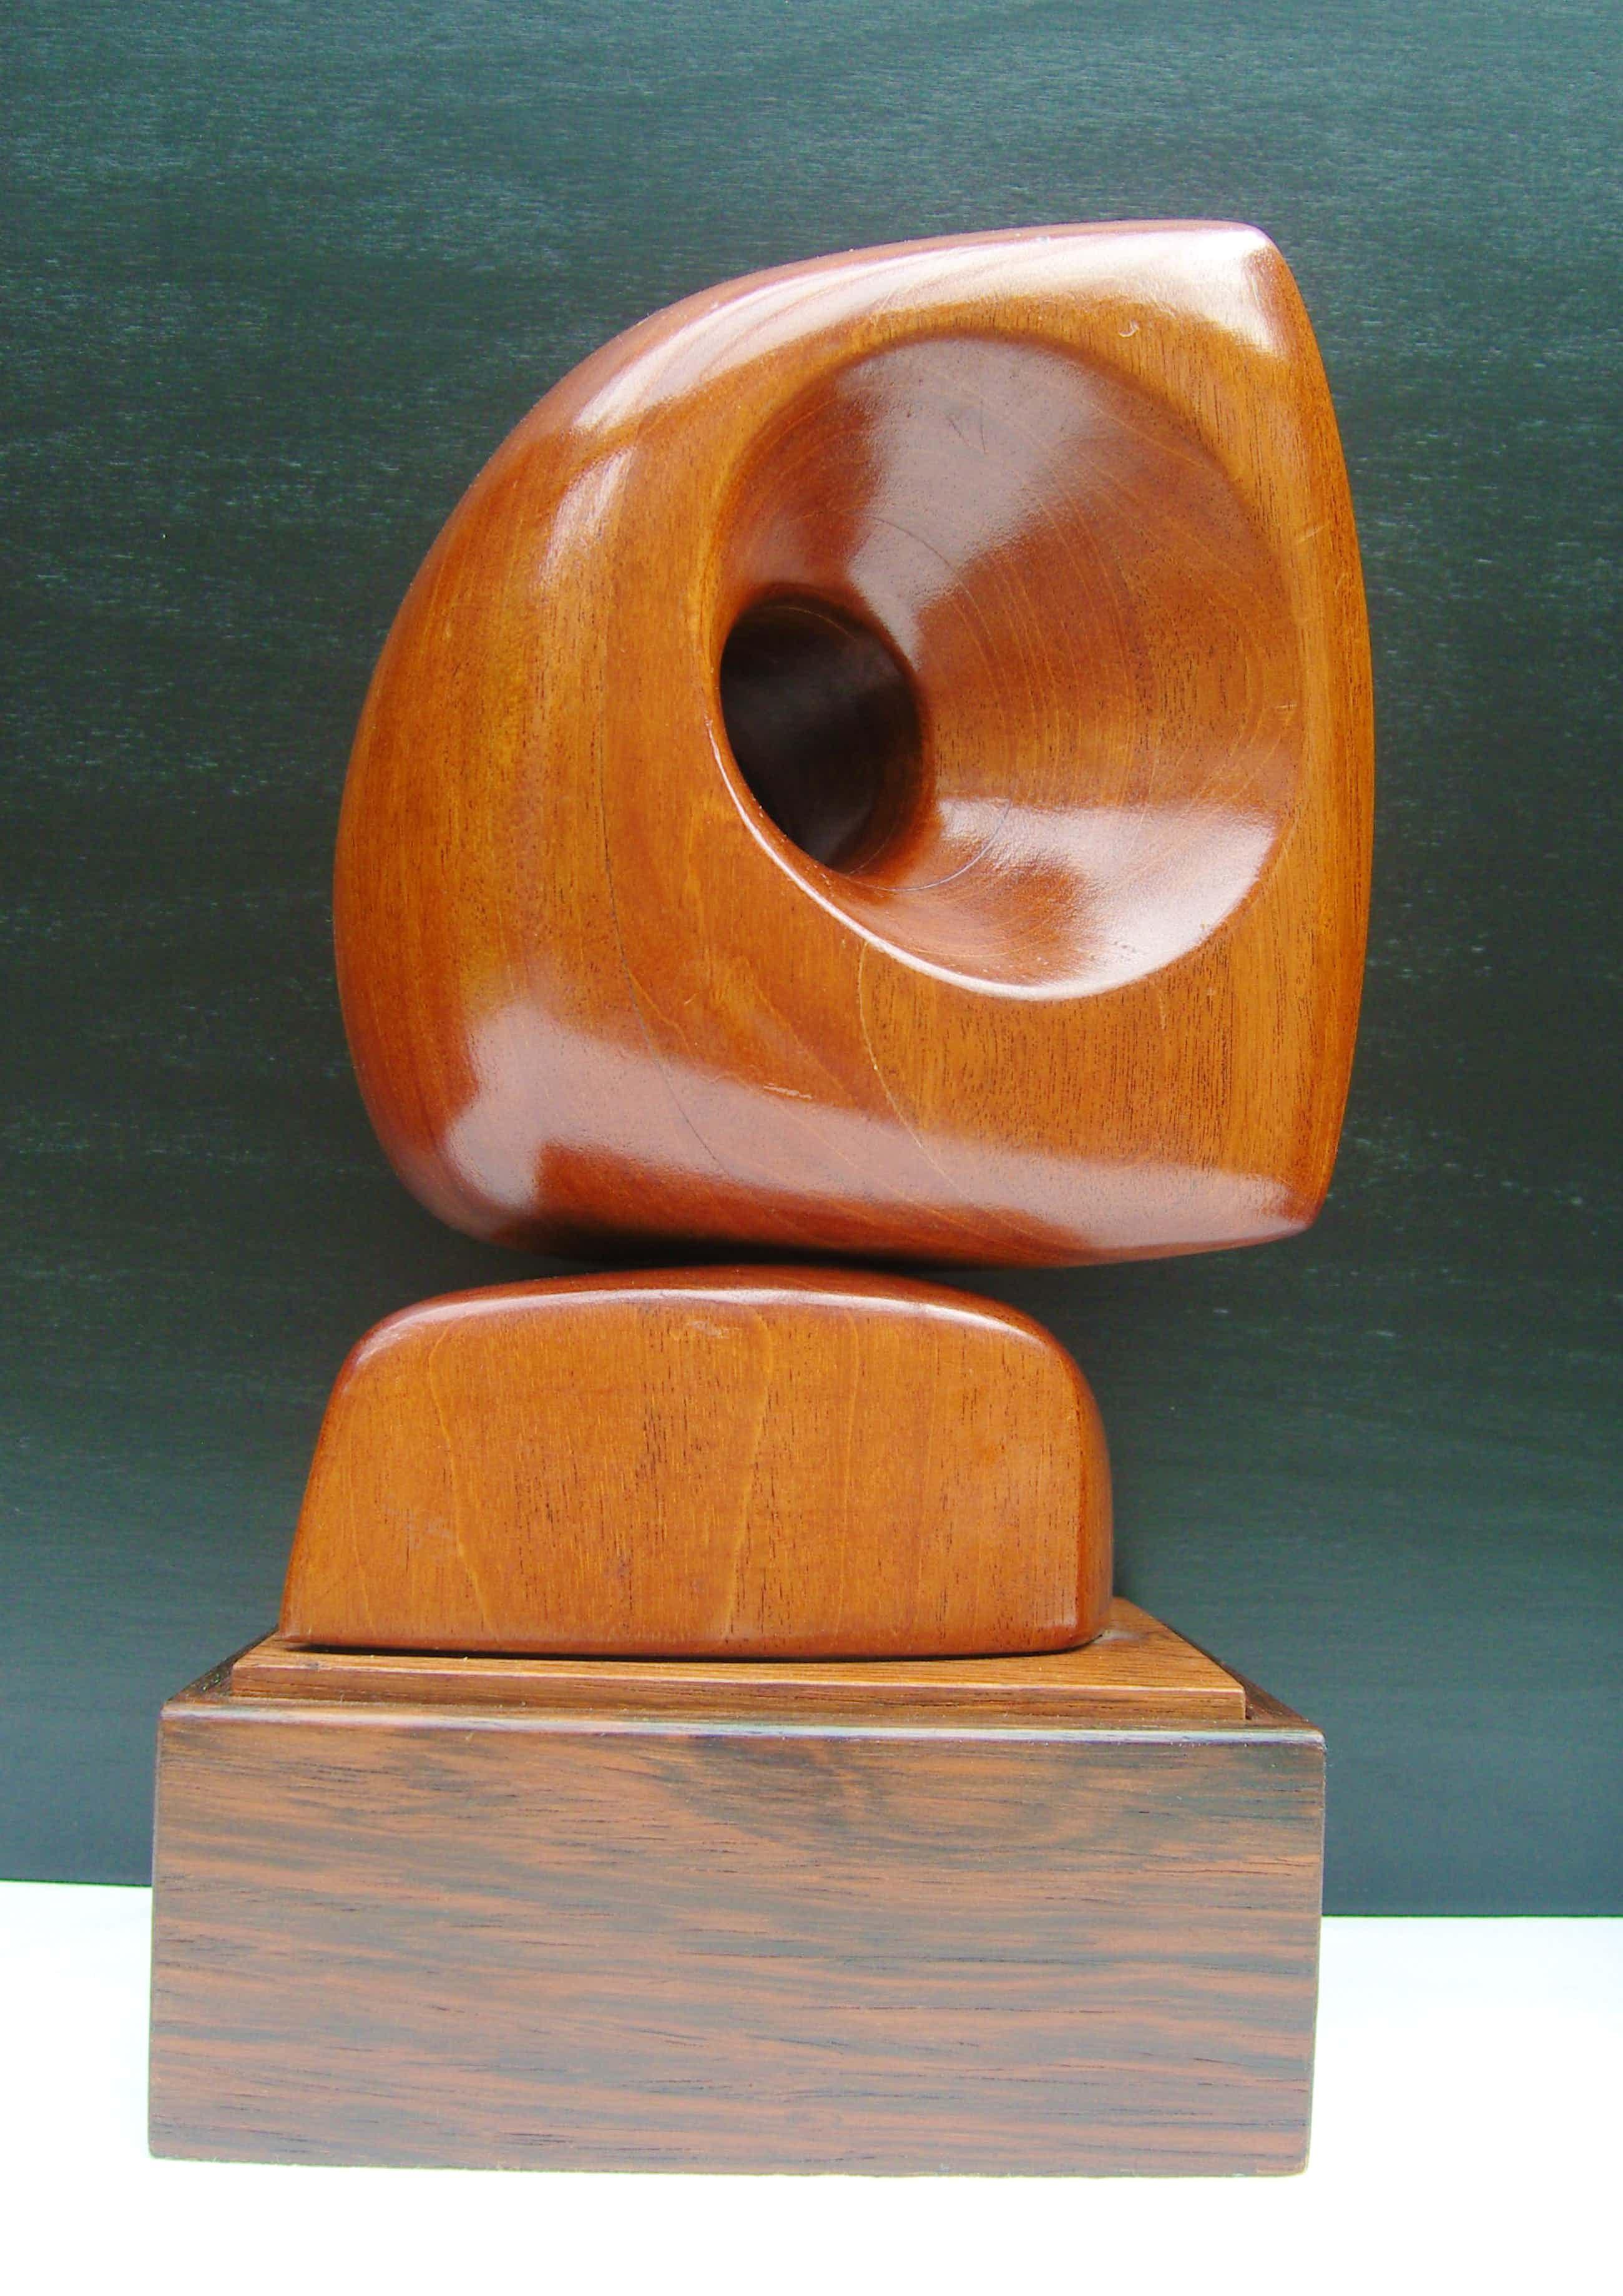 Dolf Breetvelt - Abstracte sculptuur in hout kopen? Bied vanaf 825!